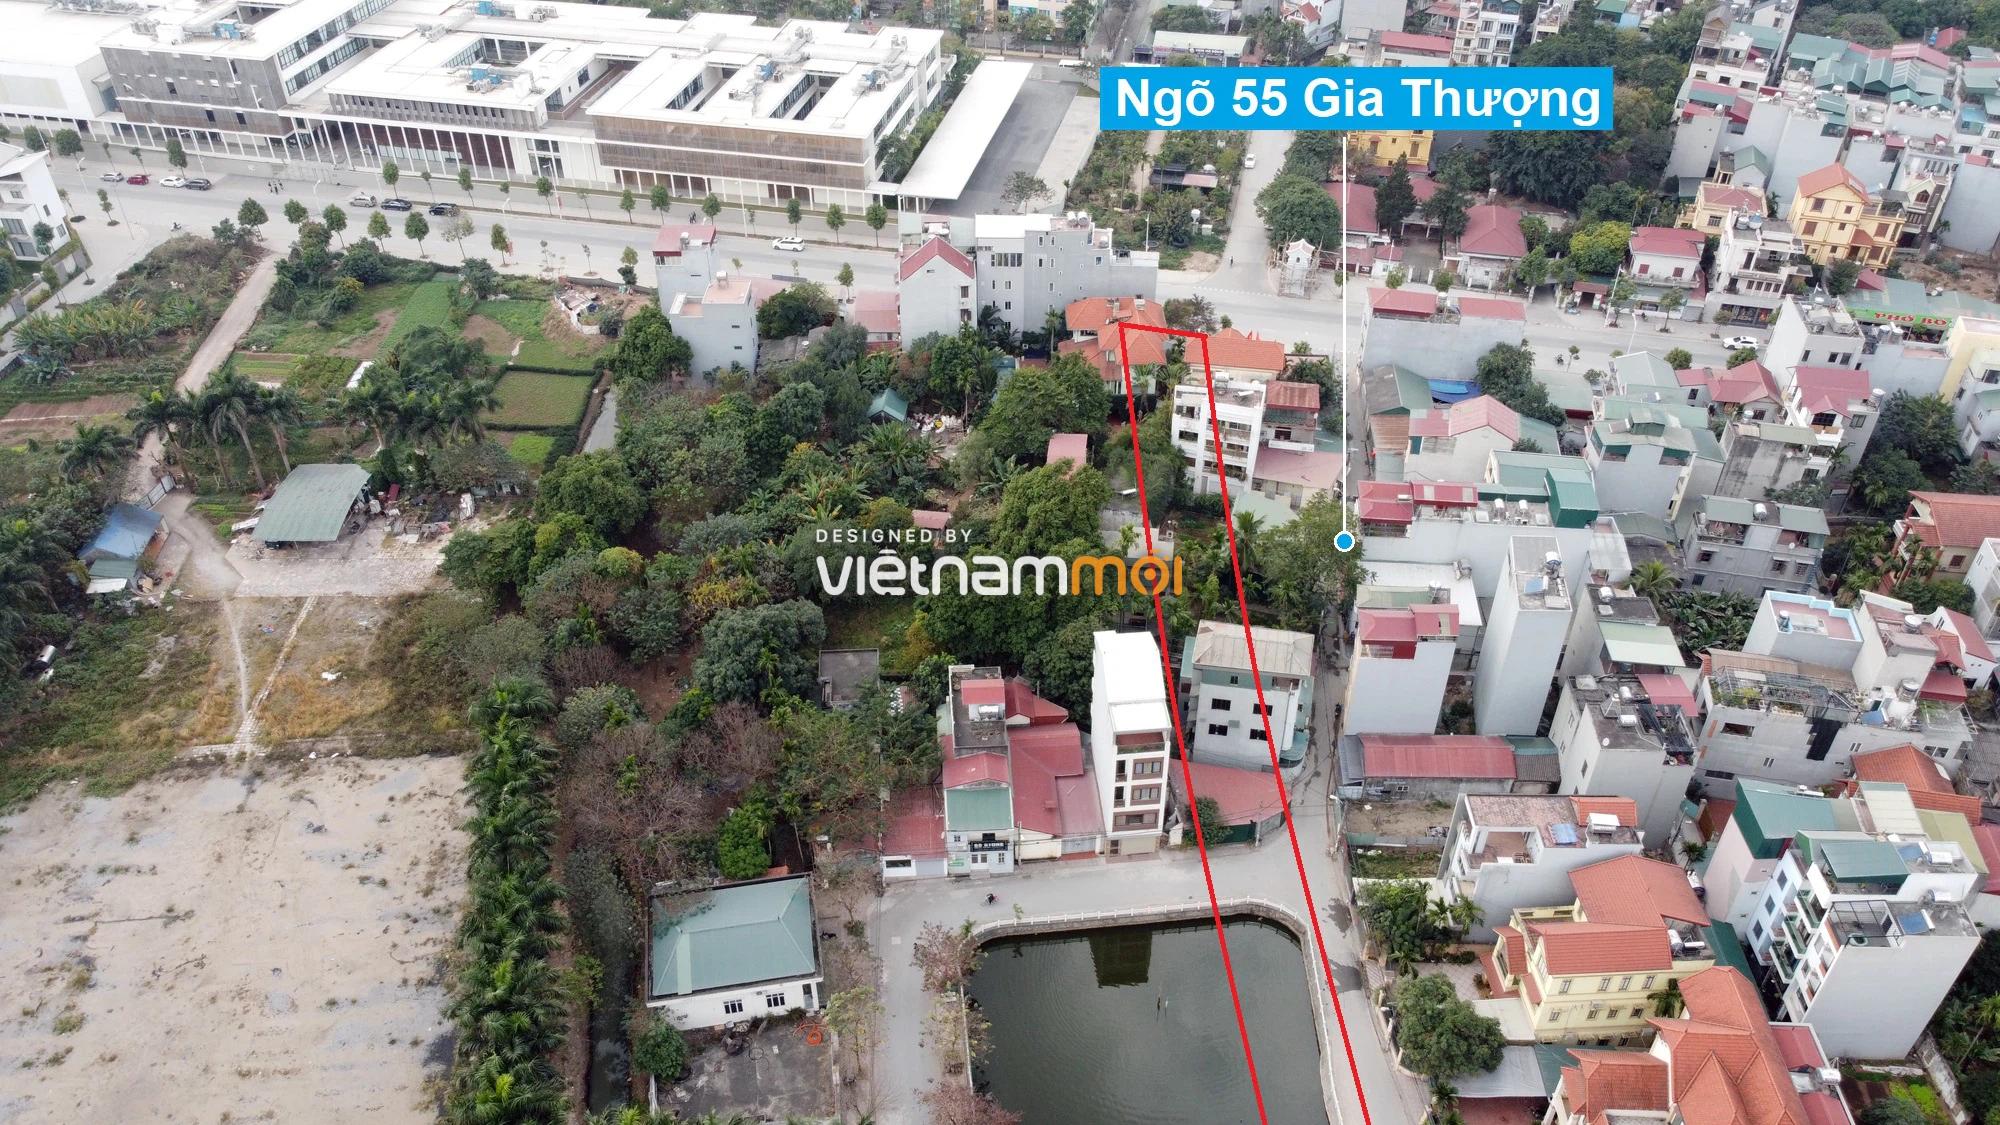 Những khu đất sắp thu hồi để mở đường ở phường Ngọc Thụy, Long Biên, Hà Nội (phần 2) - Ảnh 4.